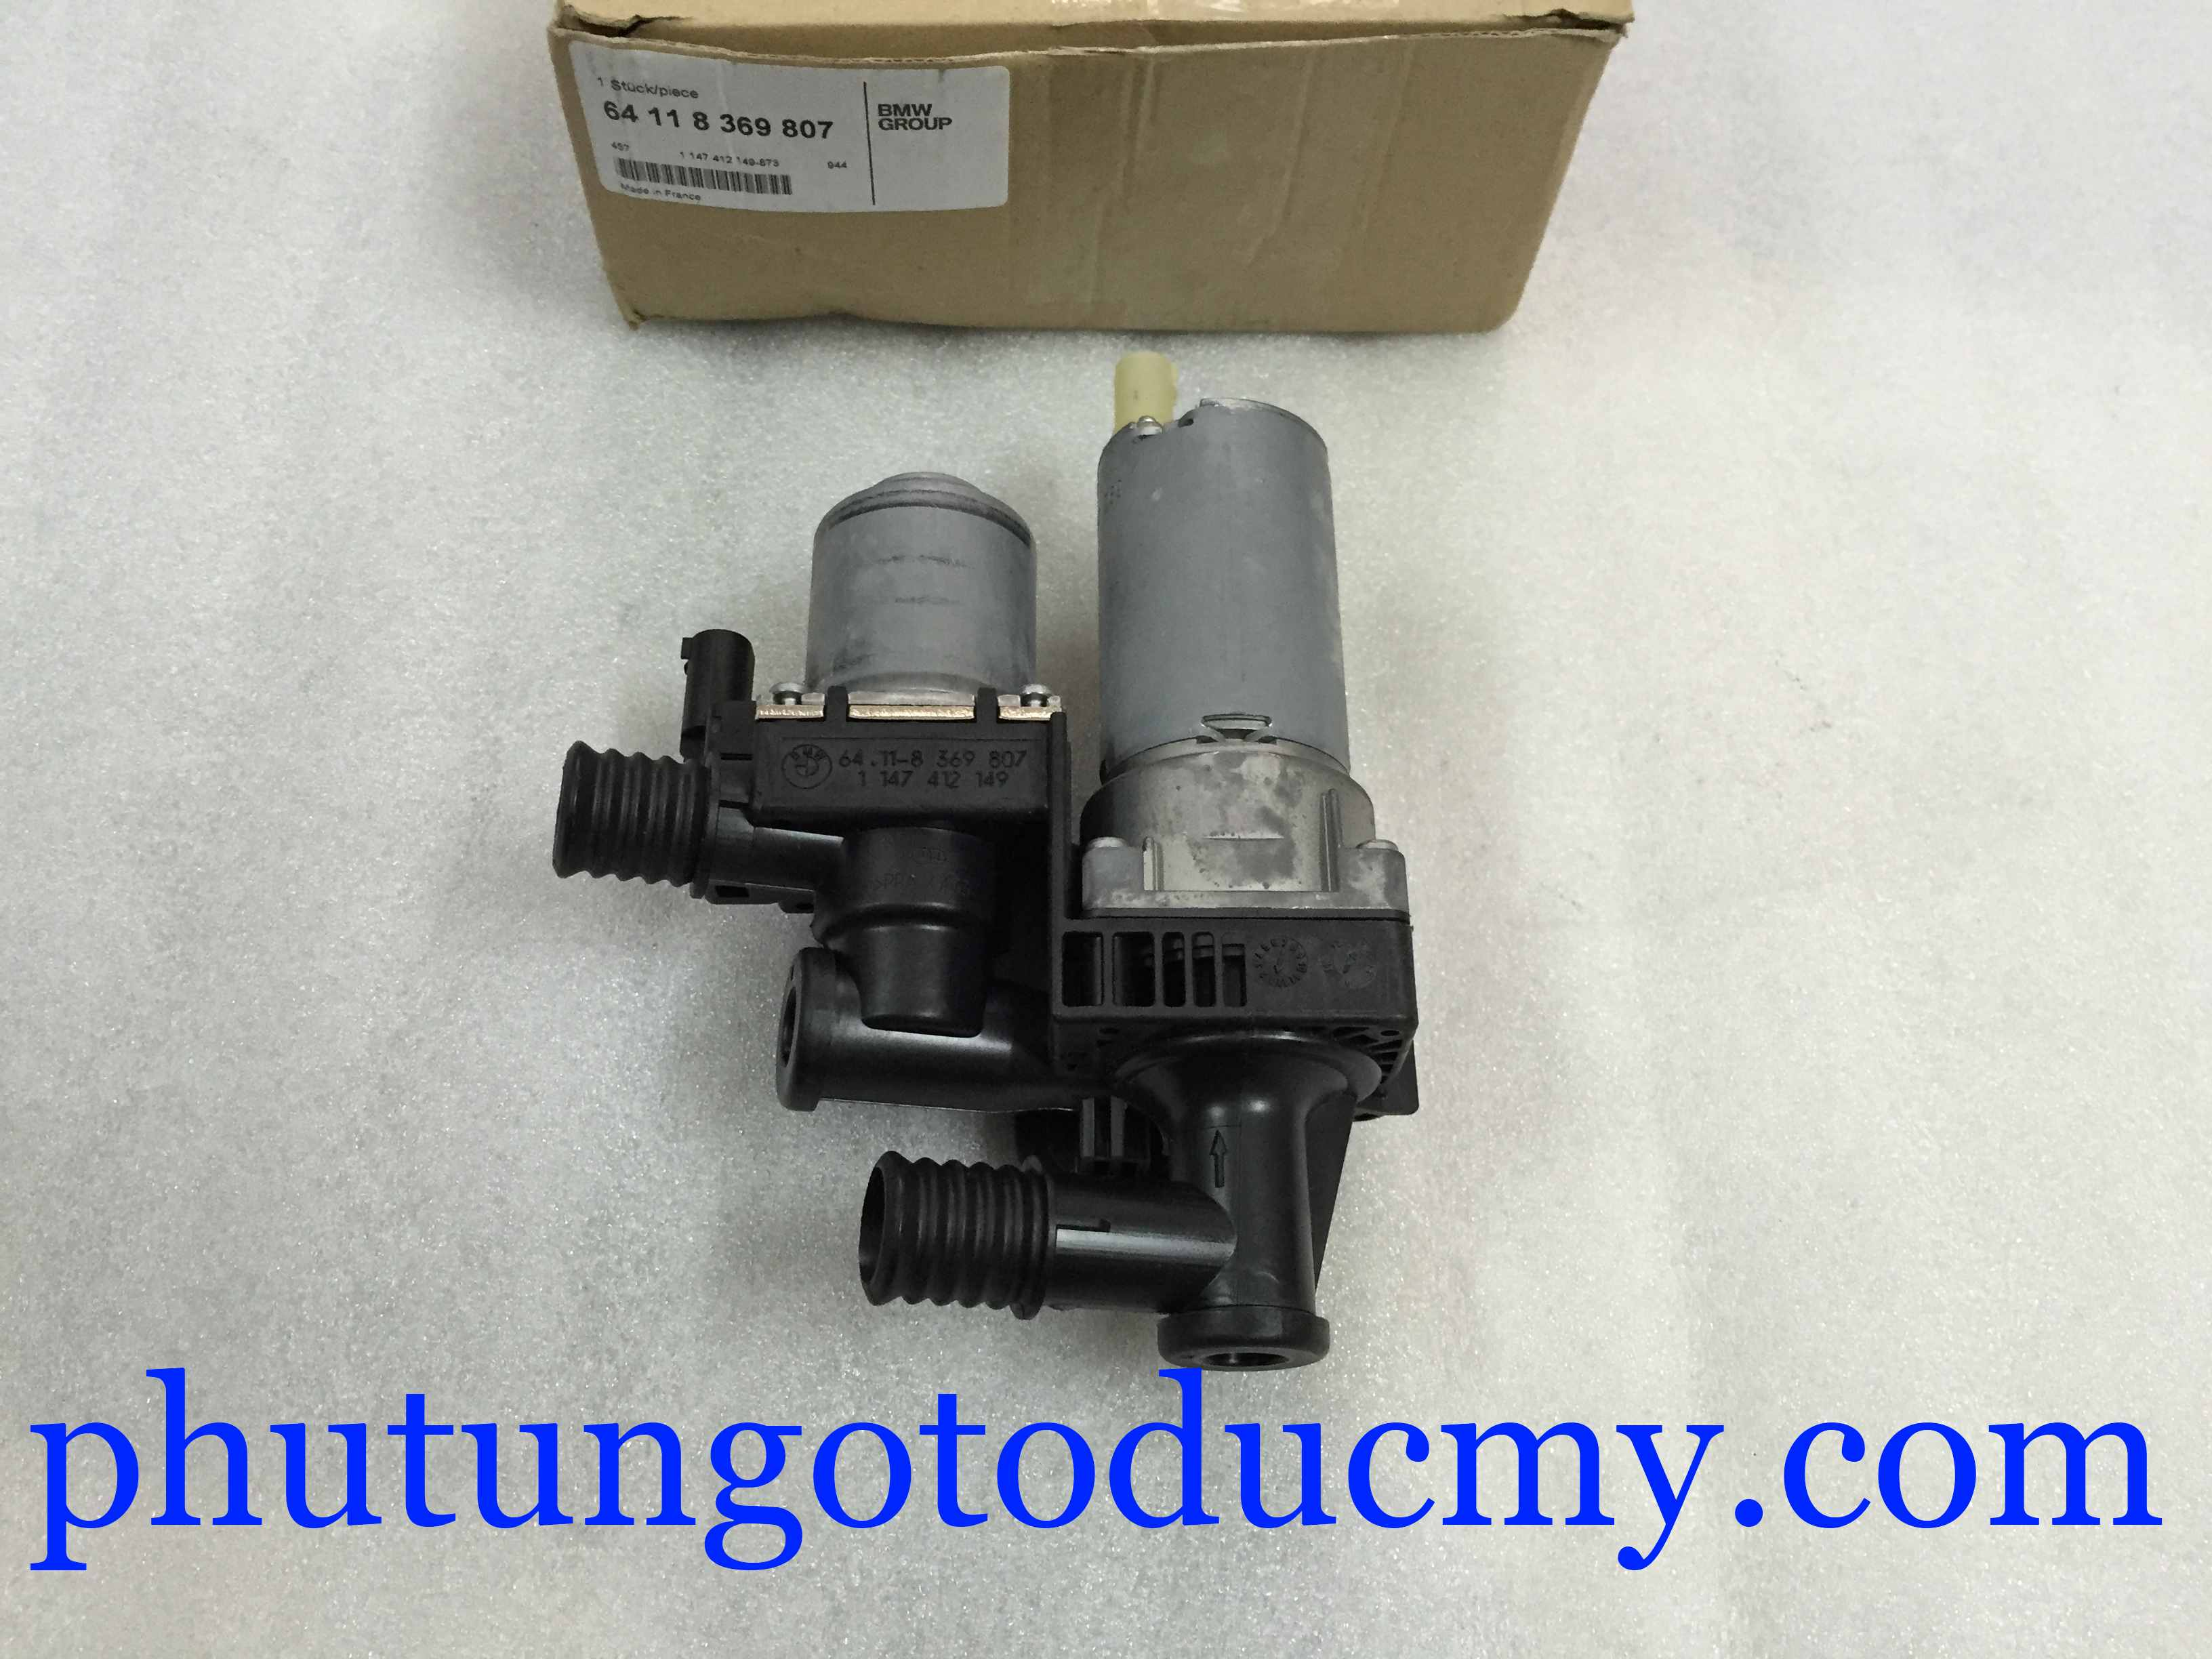 Van nước nóng điều hòa BMW 318i E46, X3 E83- 64118369807